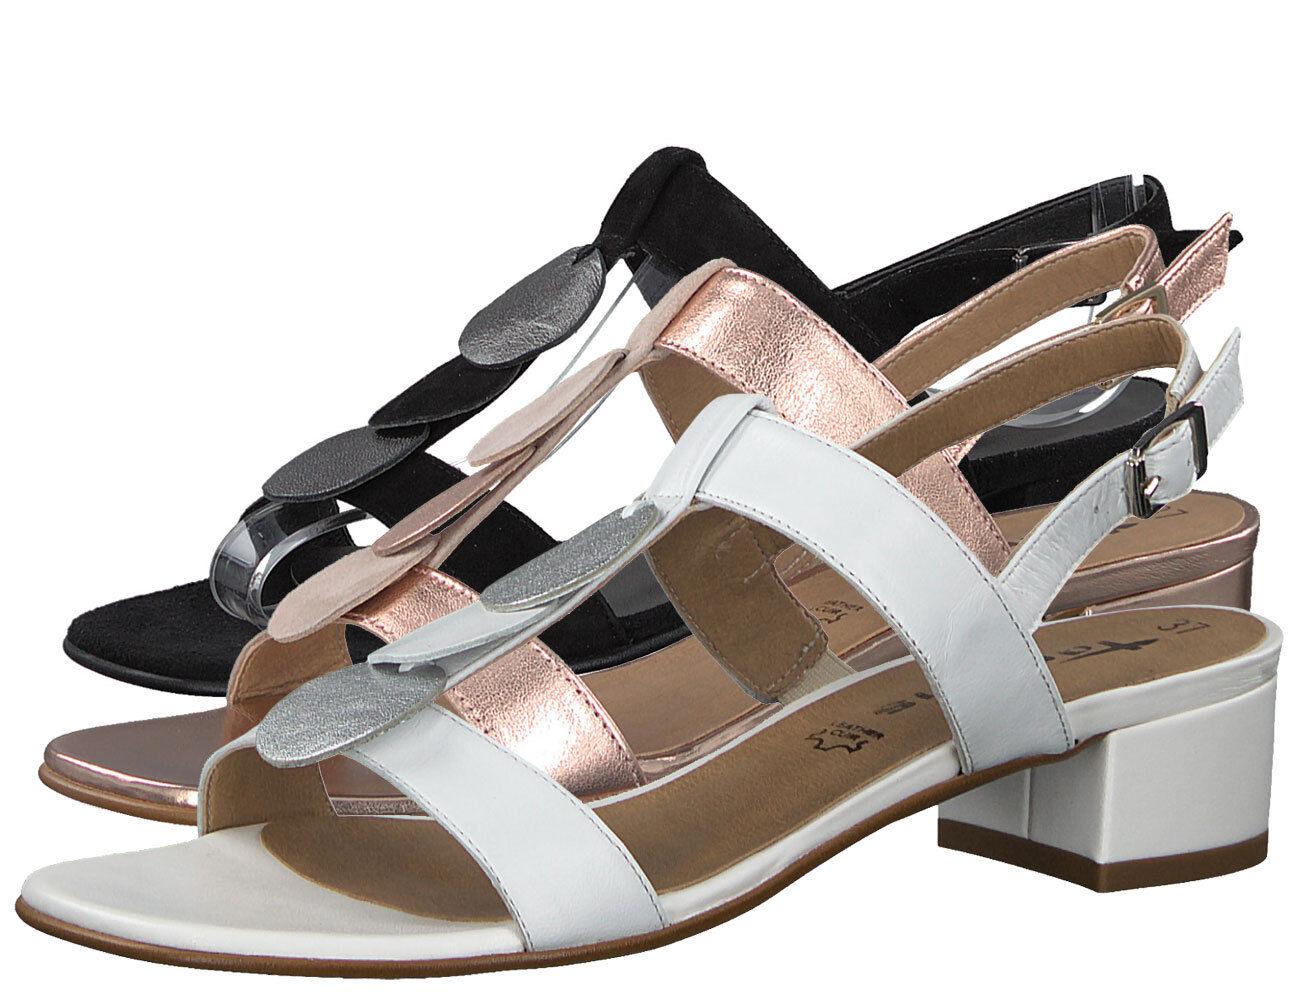 Tamaris T-Steg Sandalette 1-28236-30 Metallic Leder Sandalen